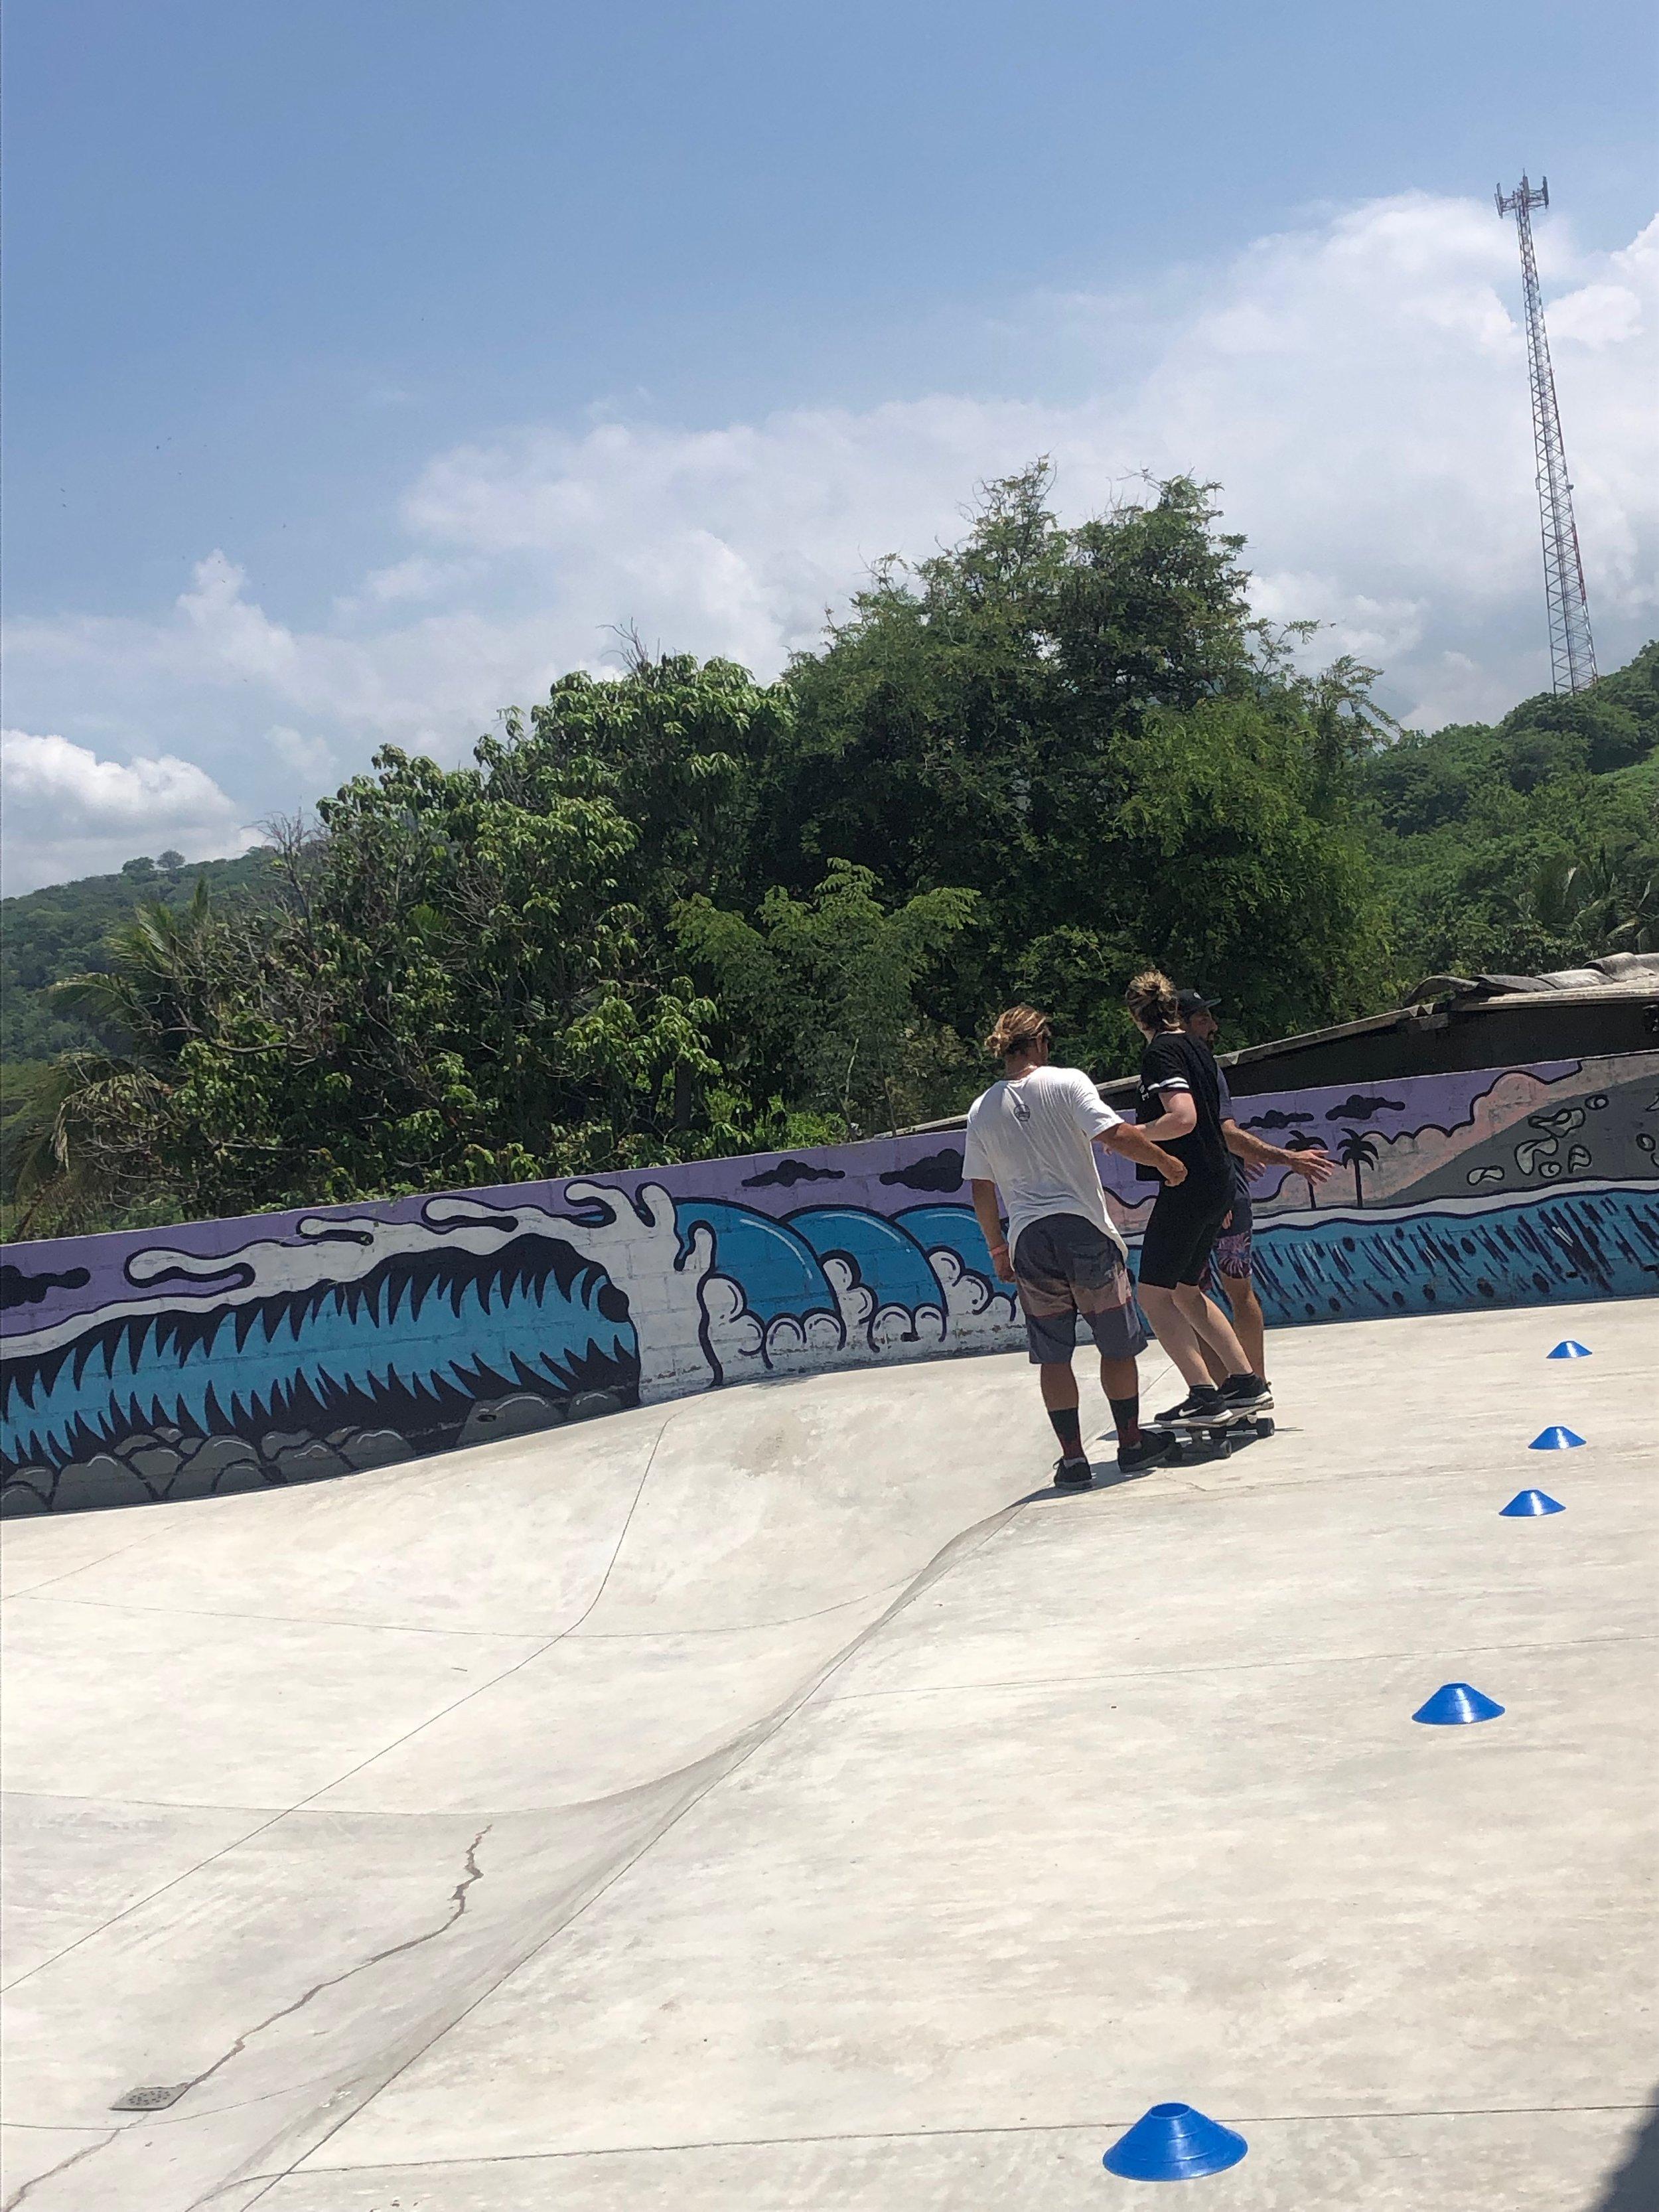 Puro Surf skate park